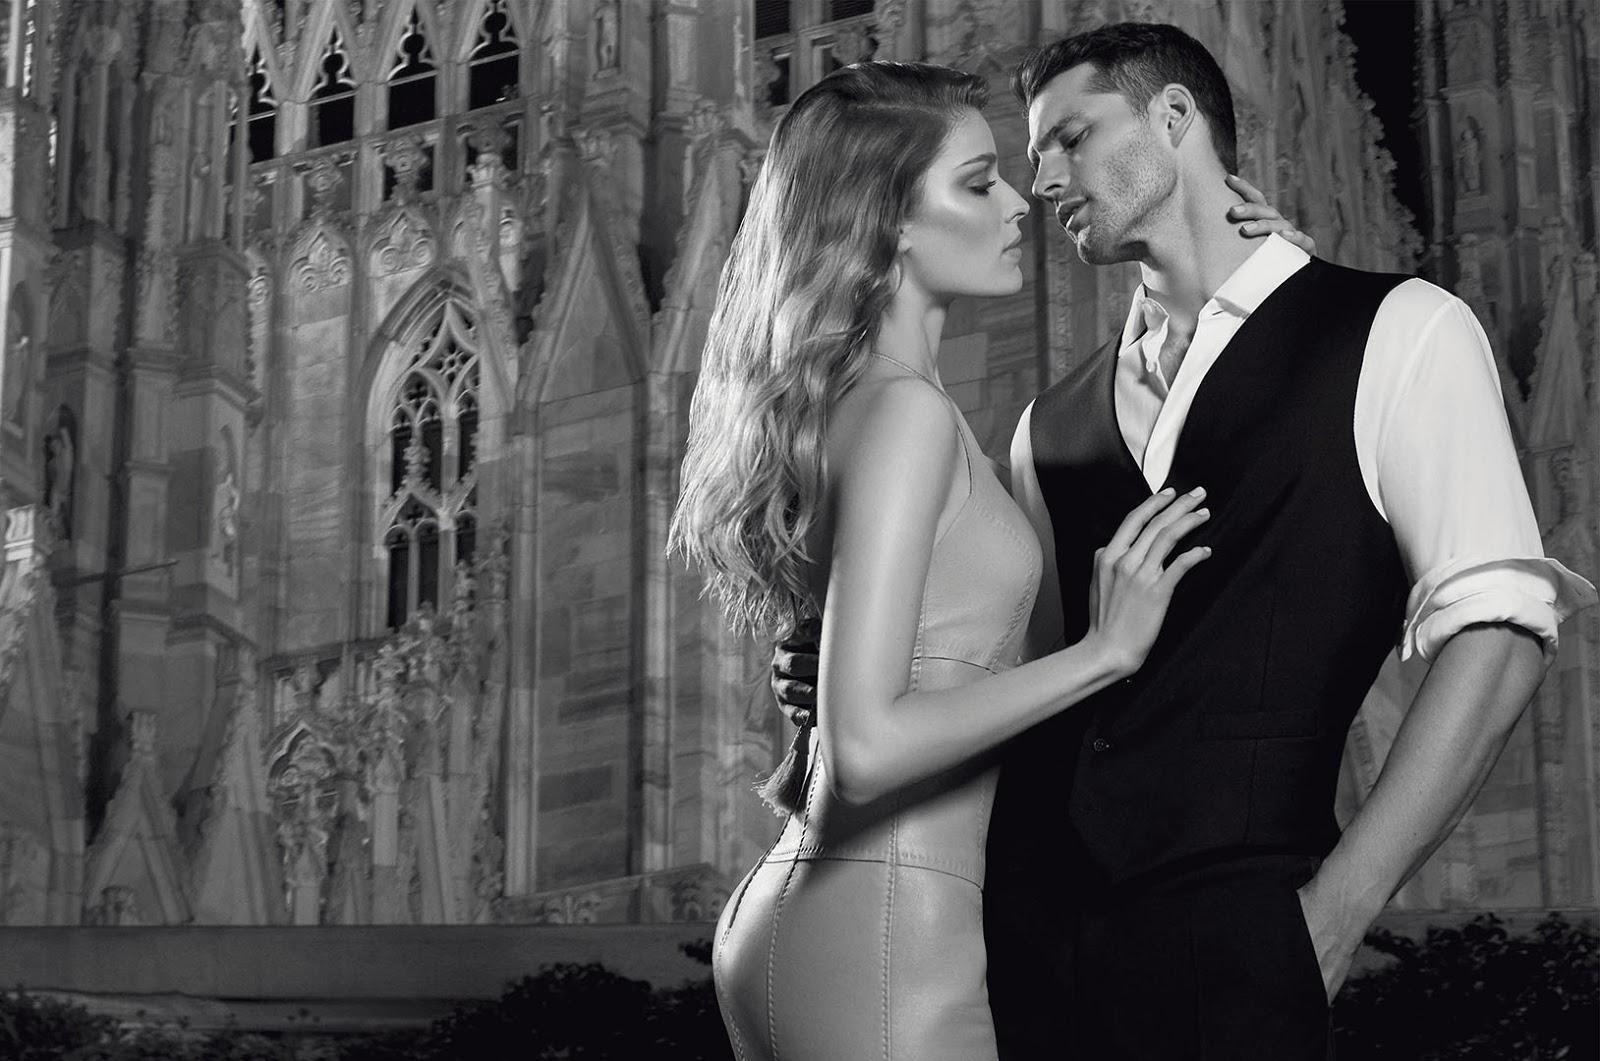 Modello e modella Trussardi profumo Uomo e Donna con Foto